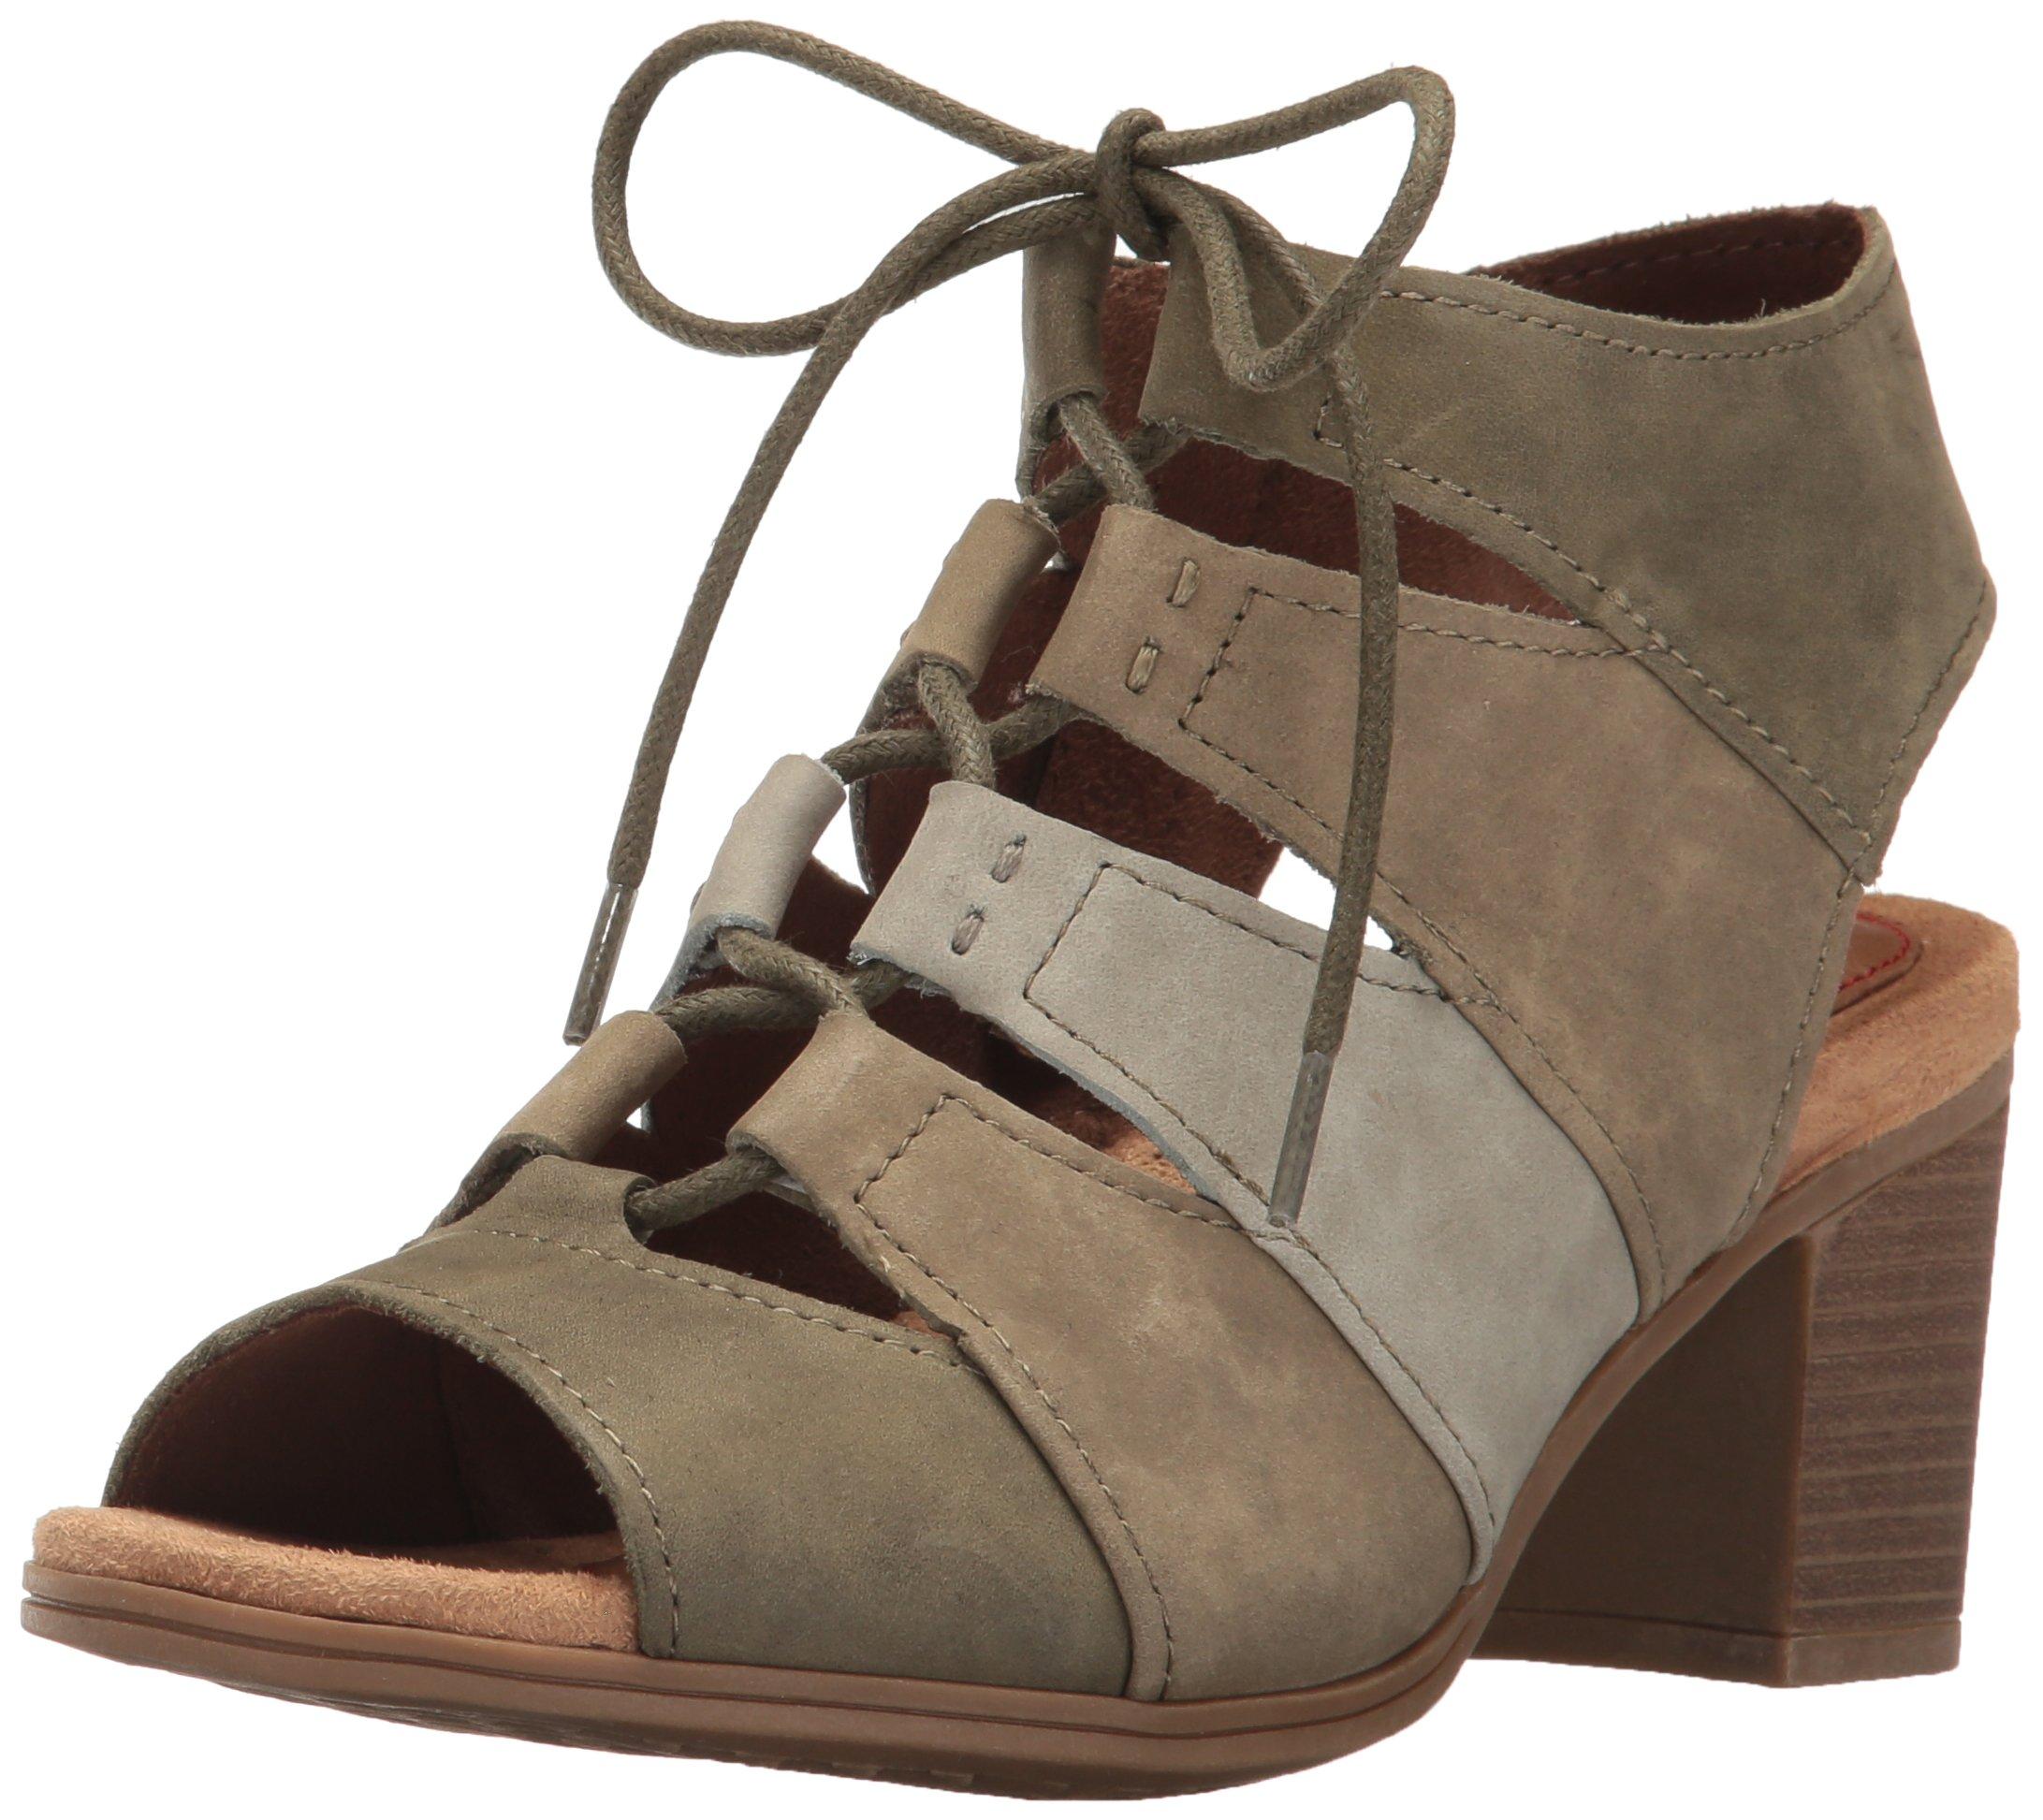 Rockport Women's Hattie Laceup Heeled Sandal, Green/Multi, 9 M US